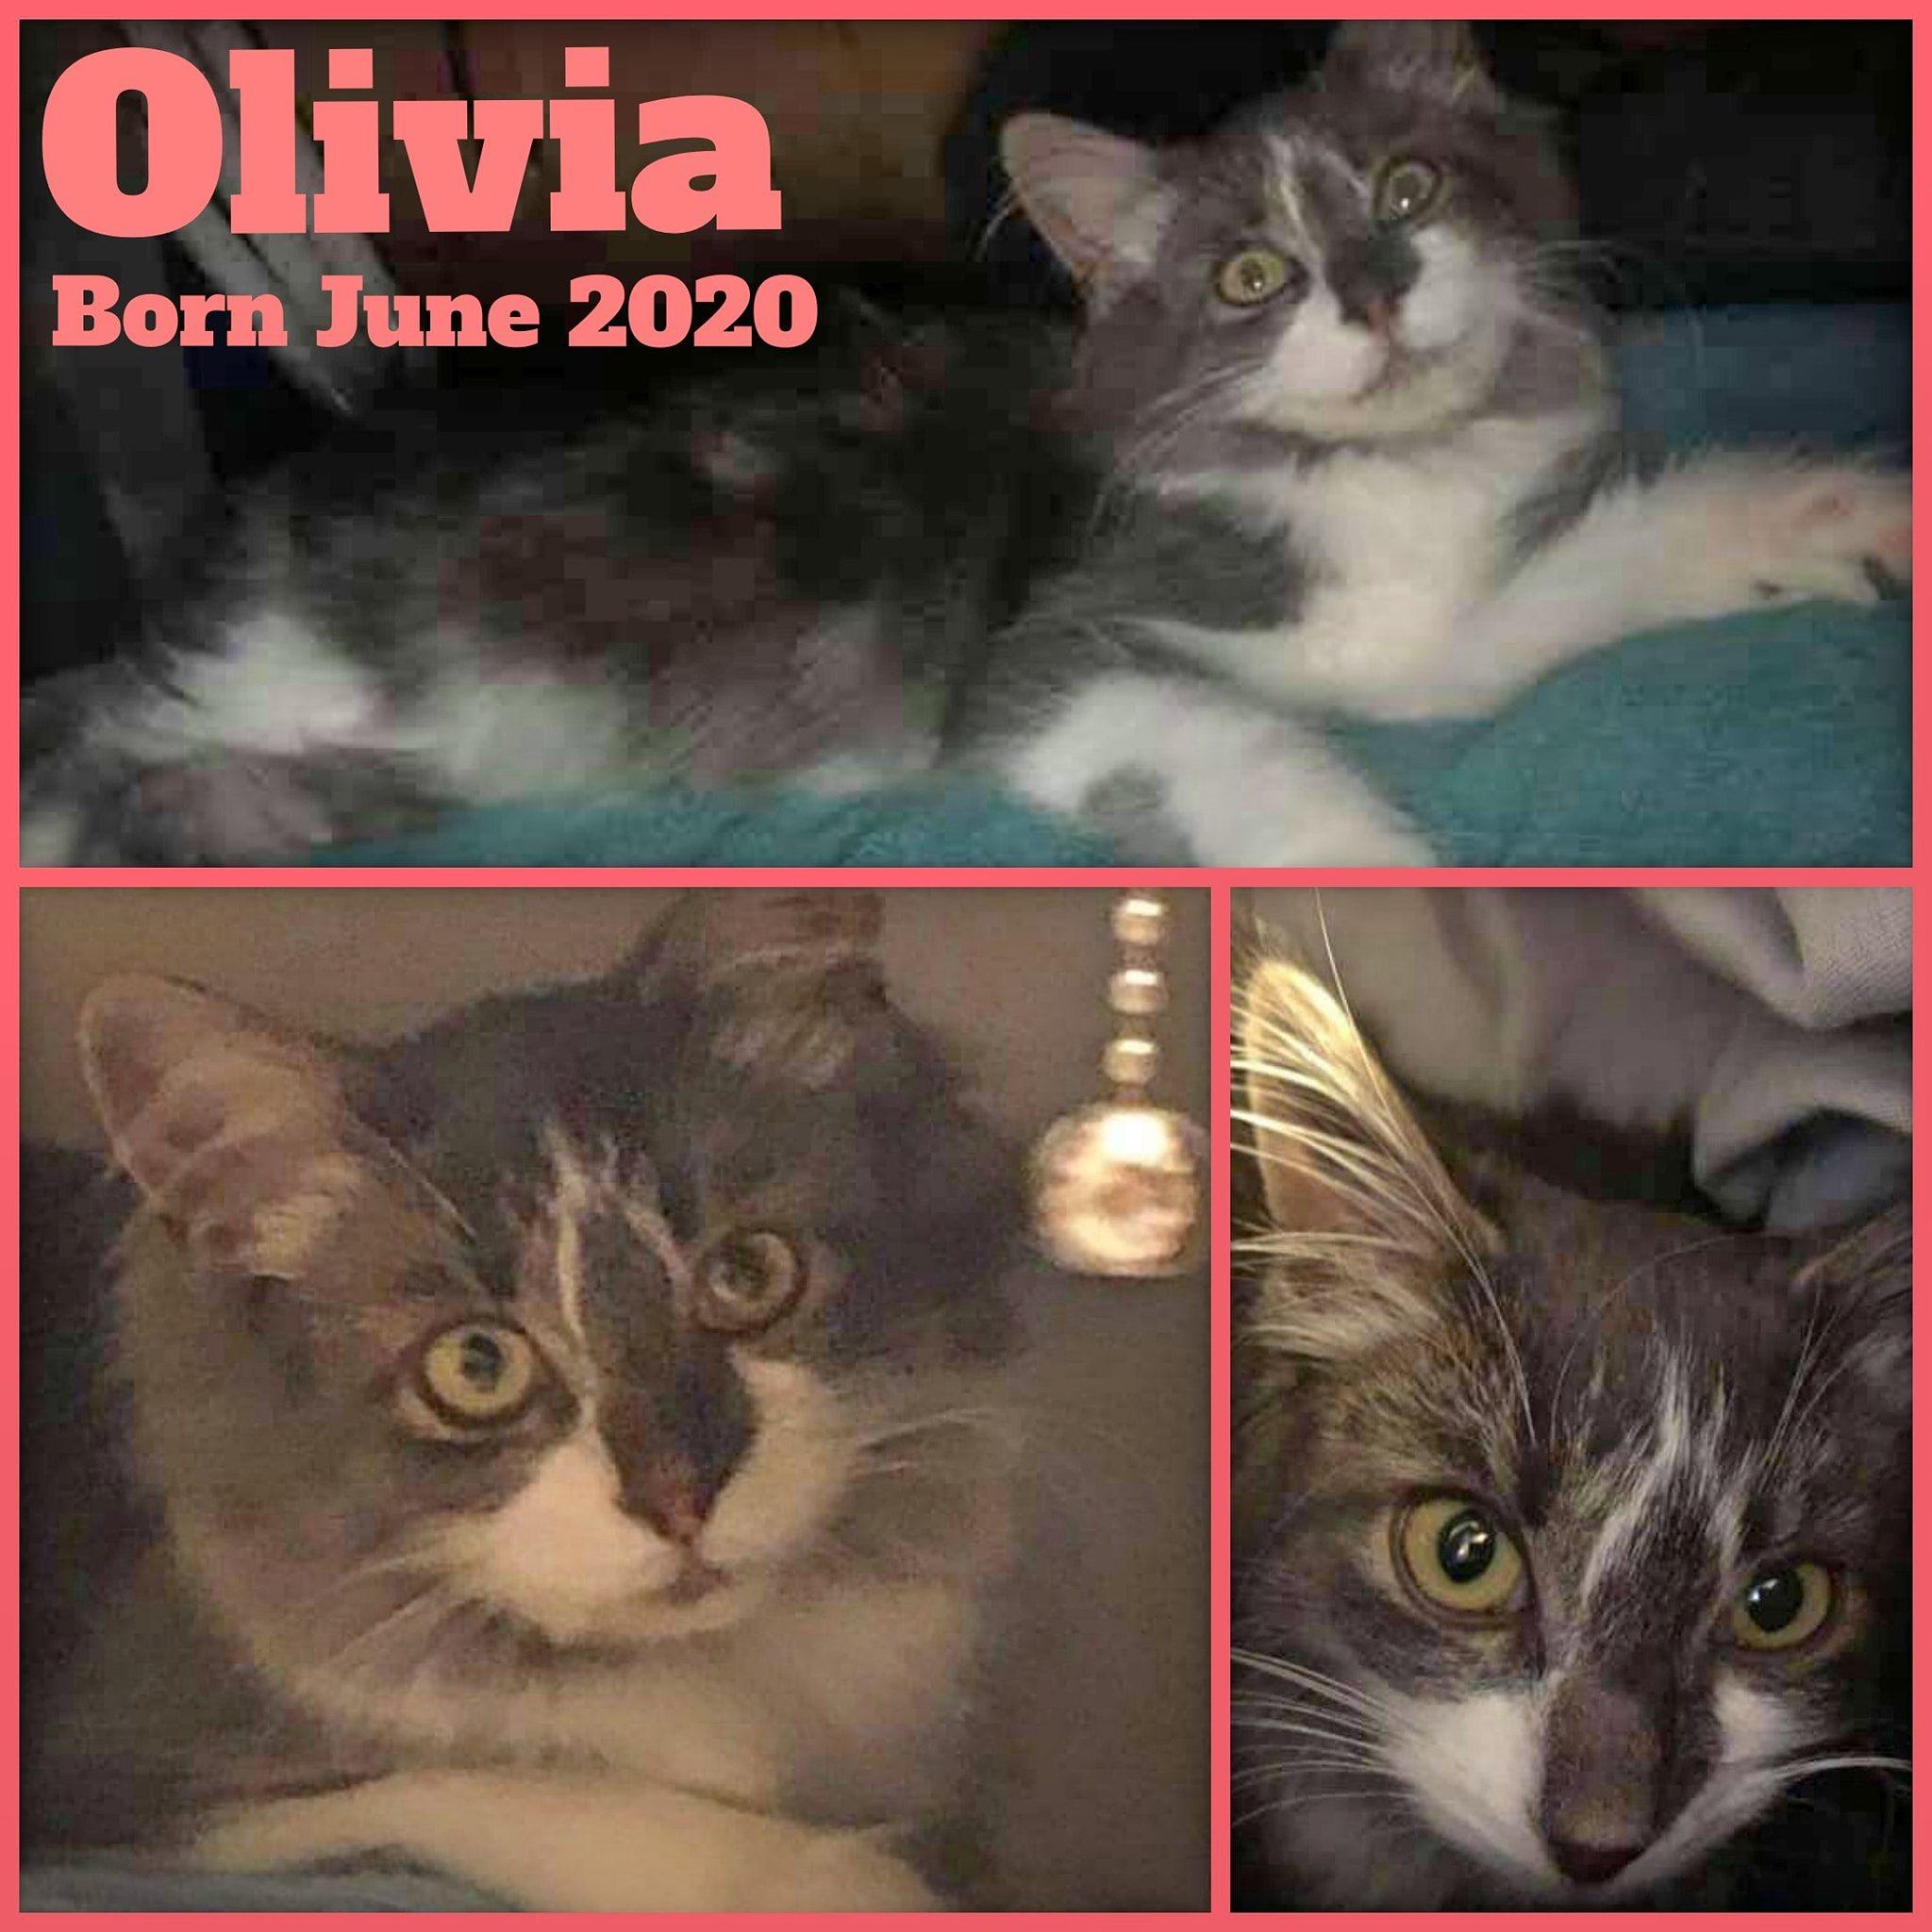 Olivia-Female-Born June 2020